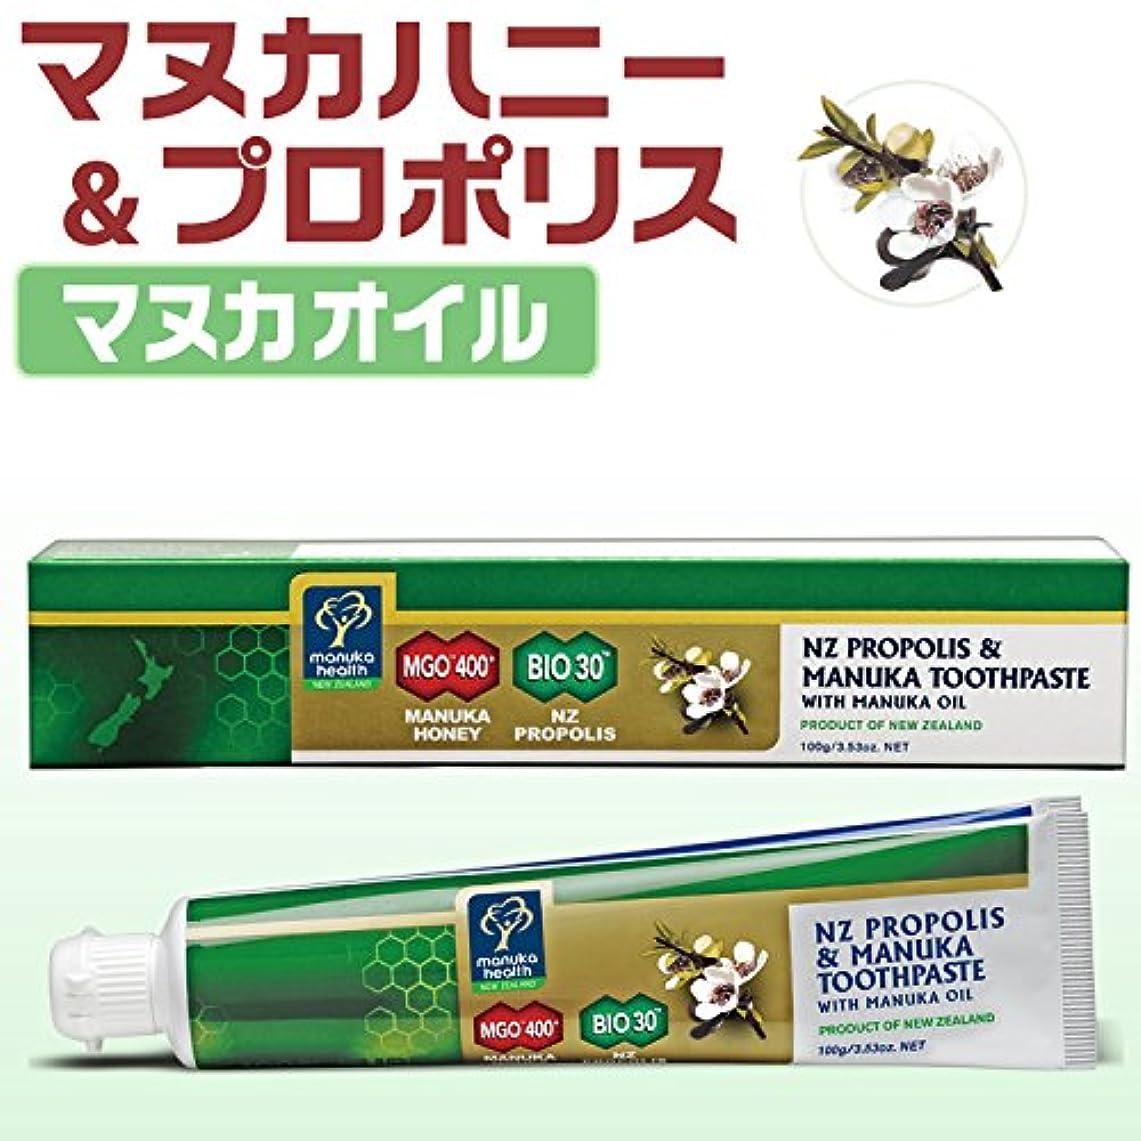 市場ワット空港プロポリス&マヌカハニー MGO400+ マヌカオイル 歯磨き粉 [100g]緑